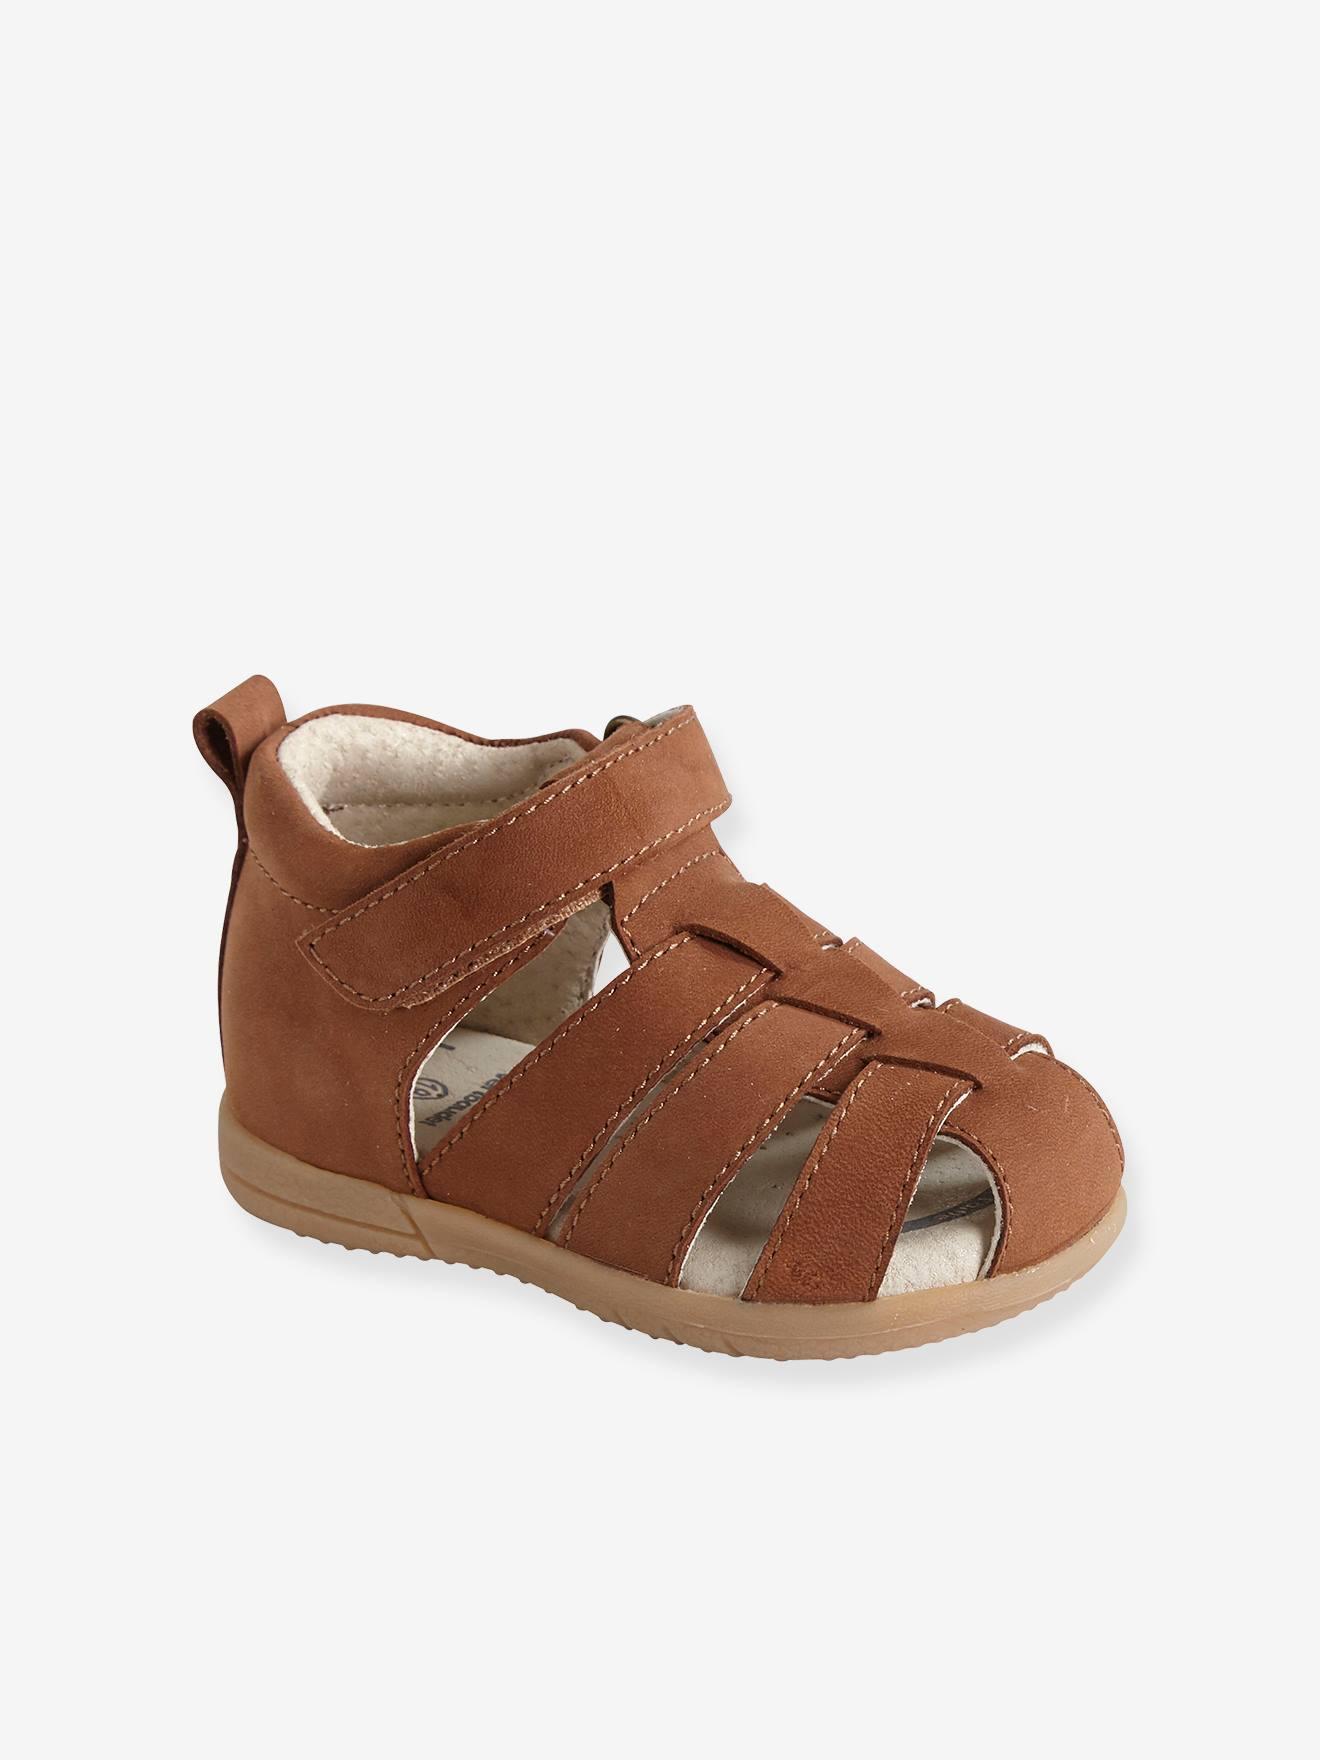 Sandales cuir bébé garçon premiers pas